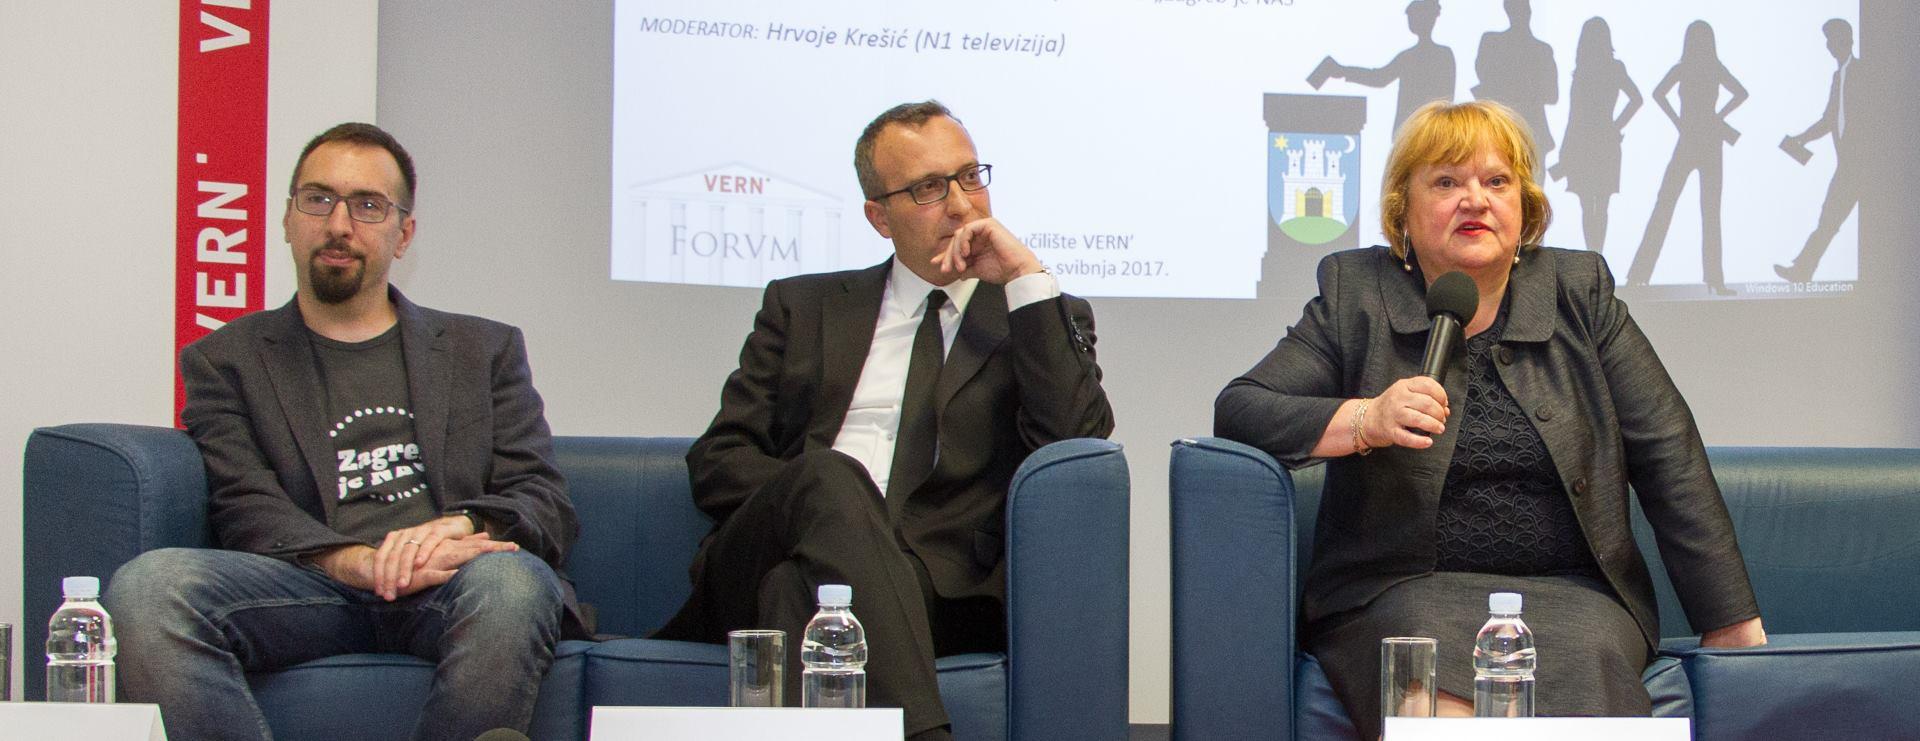 VELEUČILIŠTE VERN' Održan panel 'Lokalni izbori za Grada Zagreb' s Ankom Mrak Taritaš, Markom Sladoljevom i Tomislavom Tomaševićem